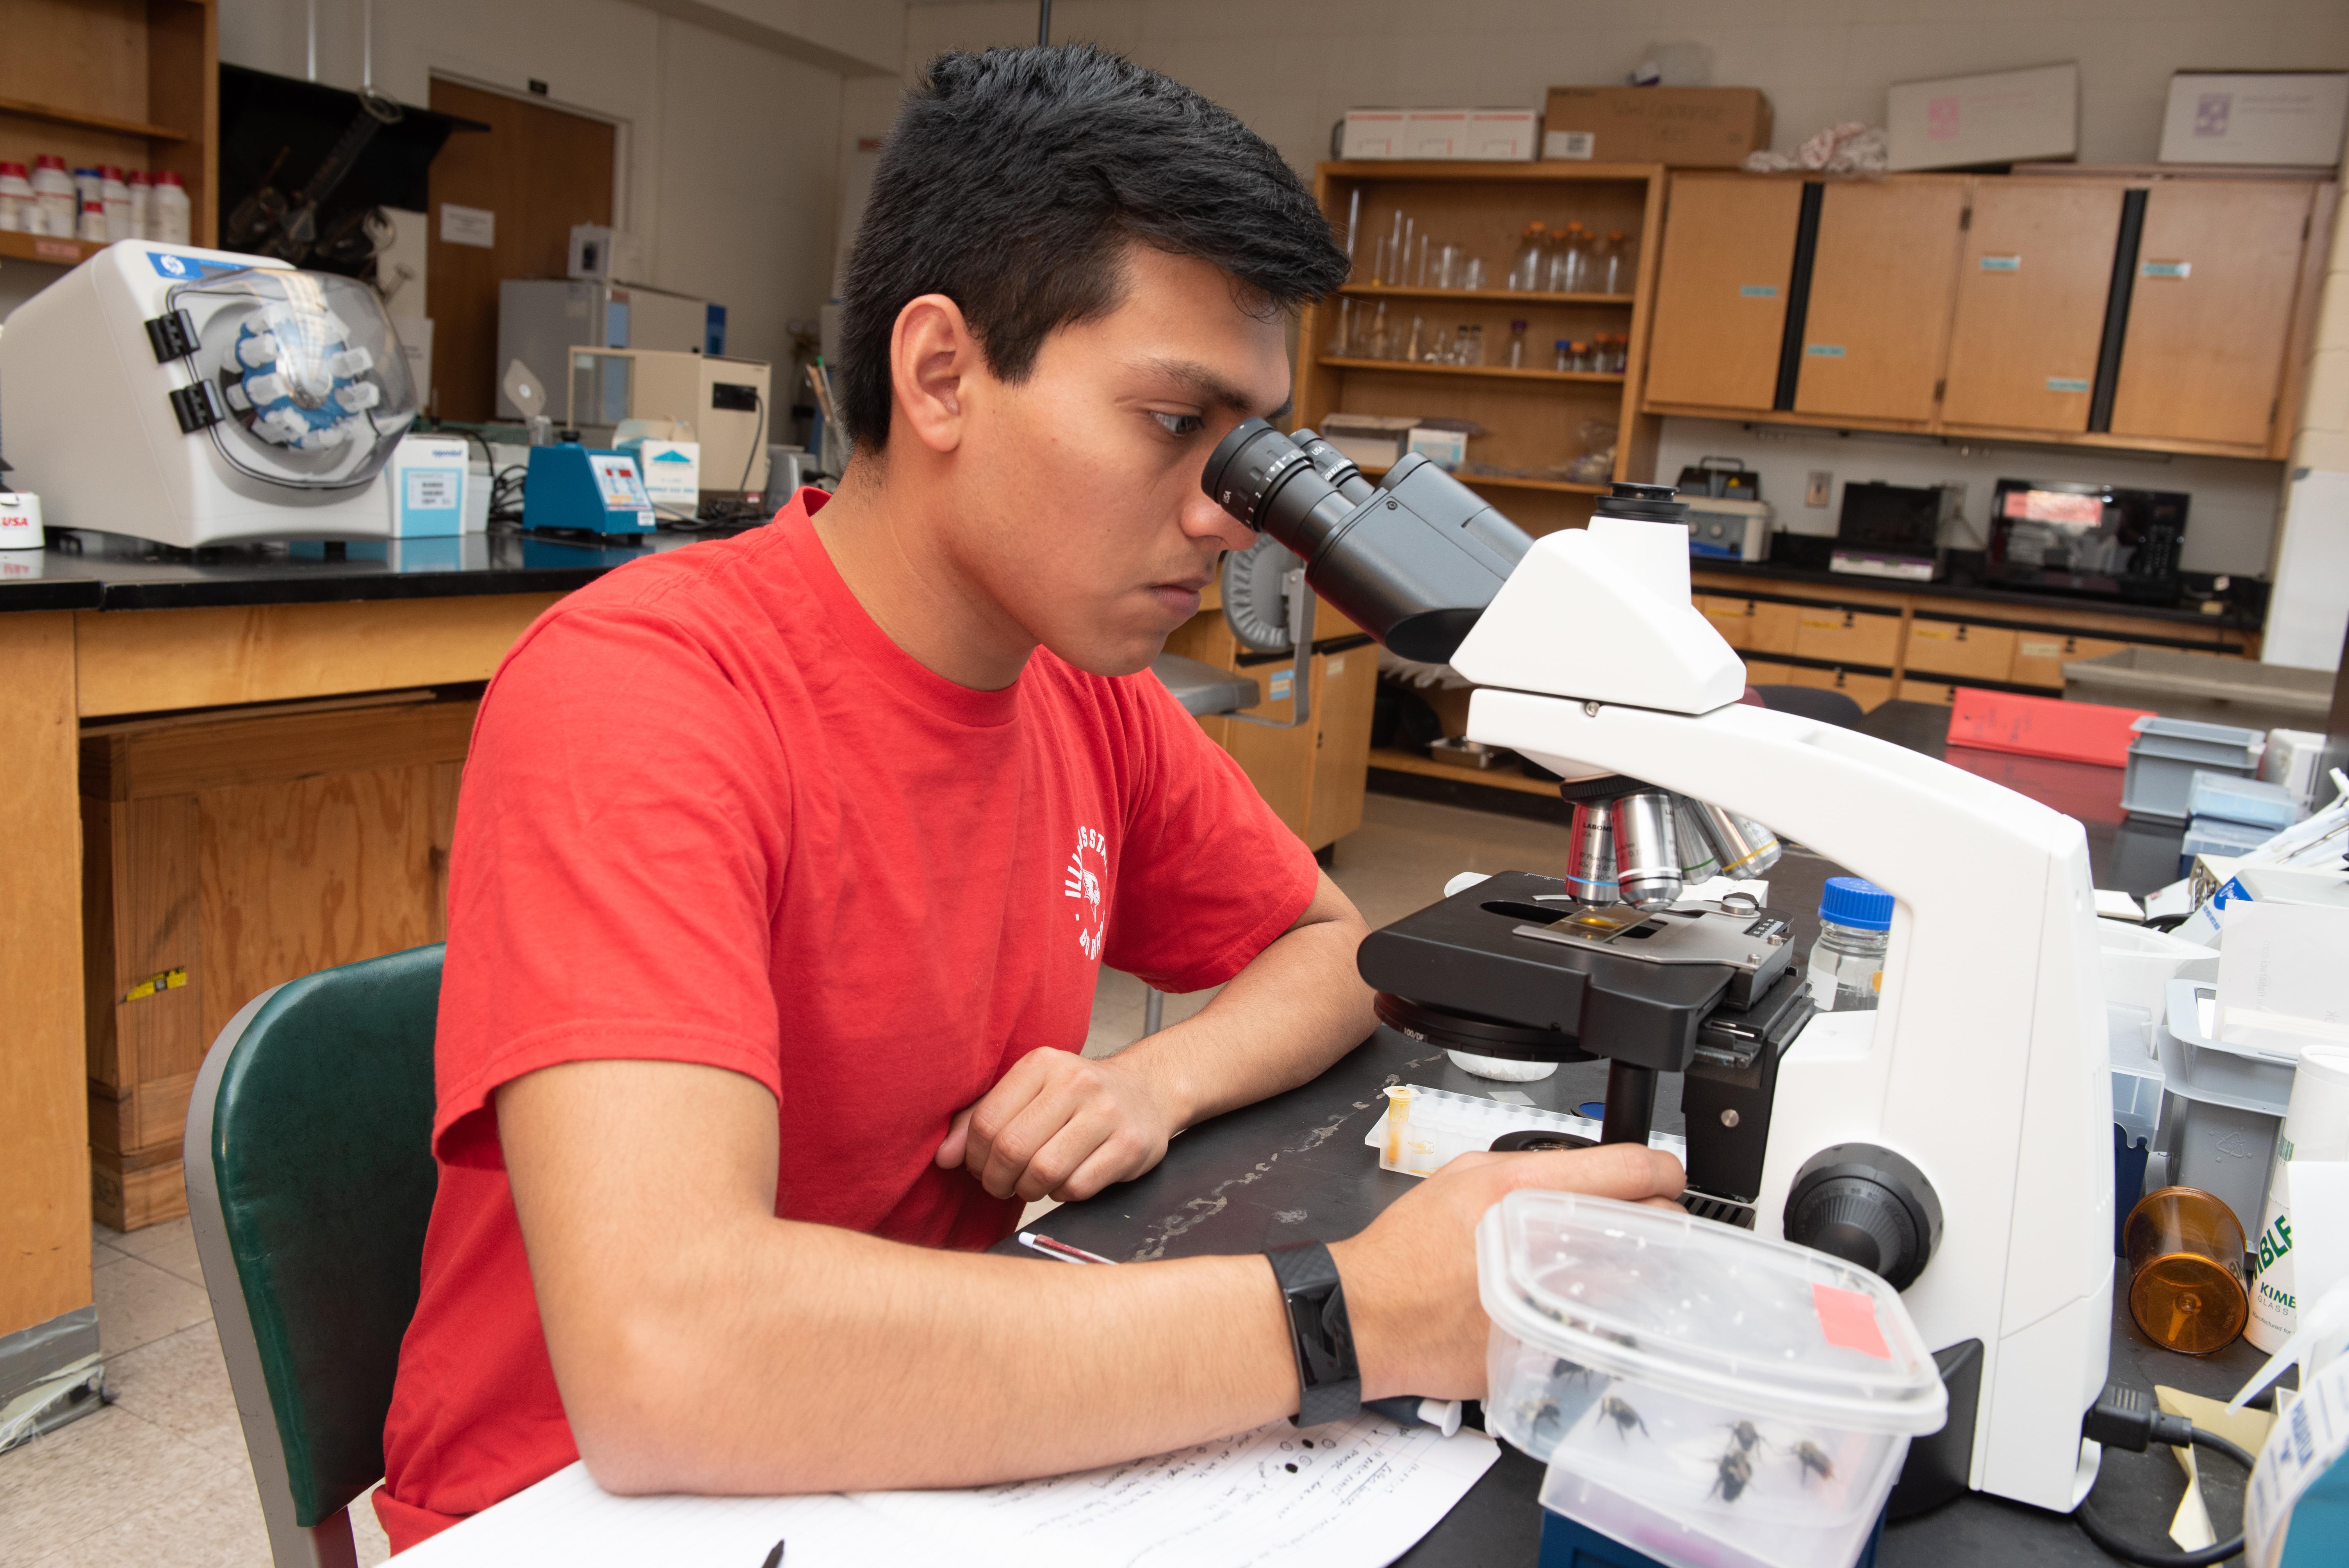 Abe Martinez in the lab